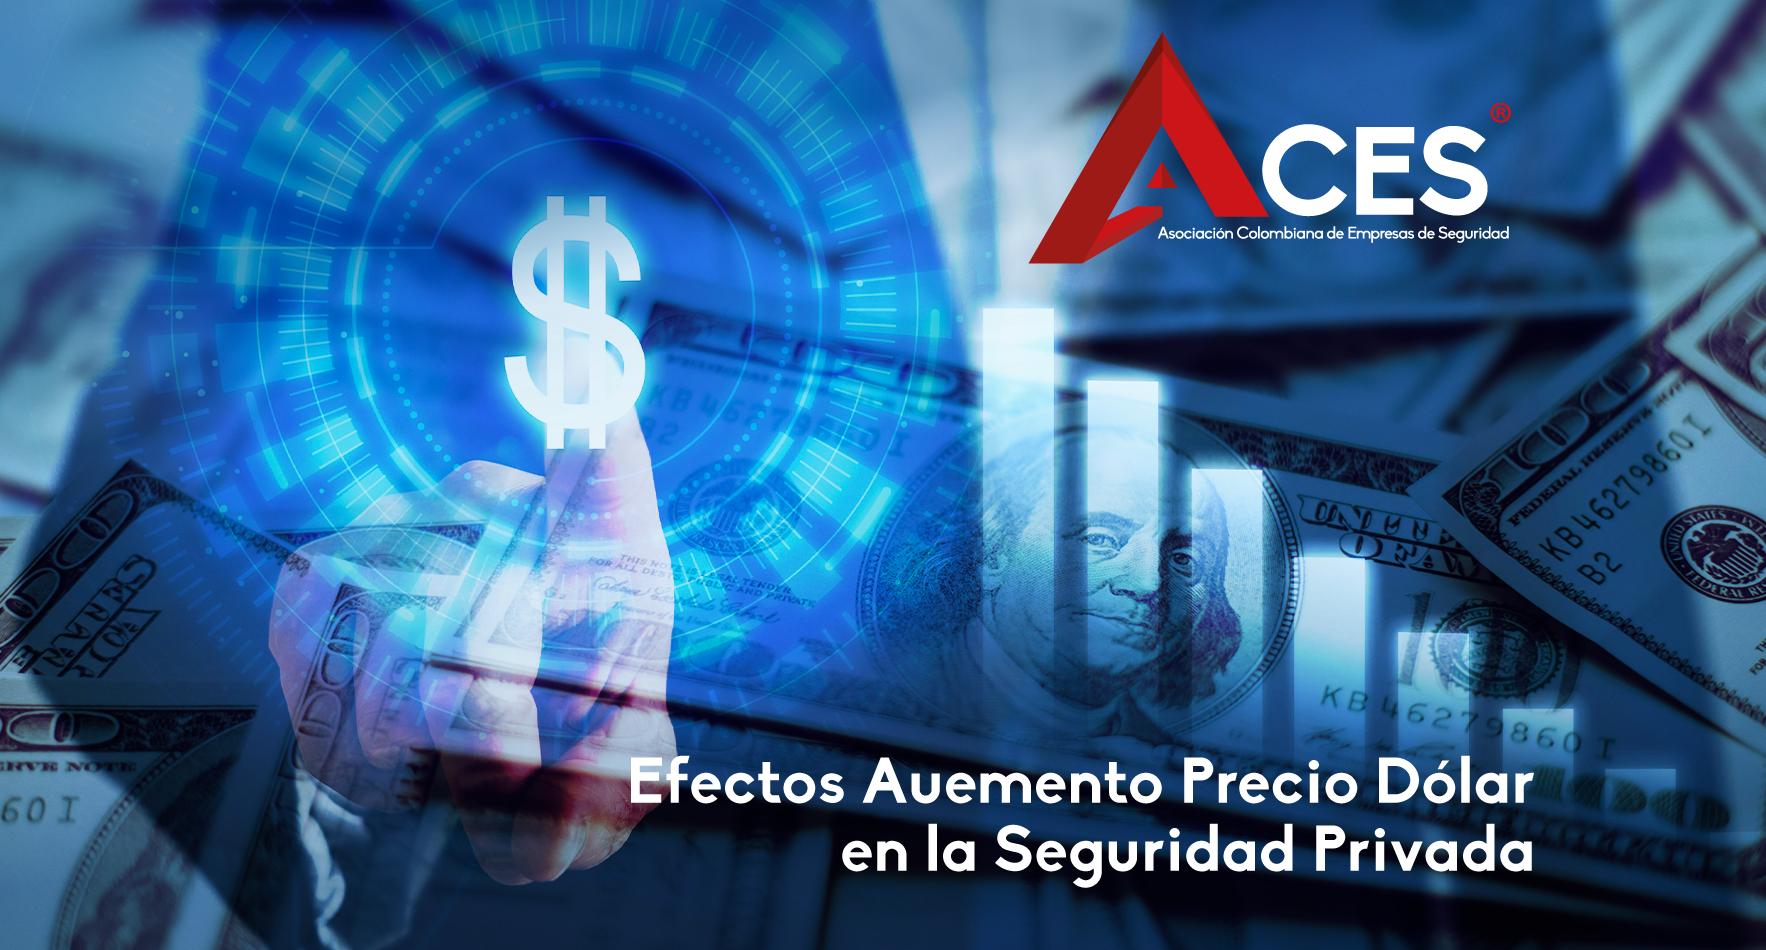 Efectos del Aumento en el Precio del Dólar Sobre el Sector de la Seguridad Privada.